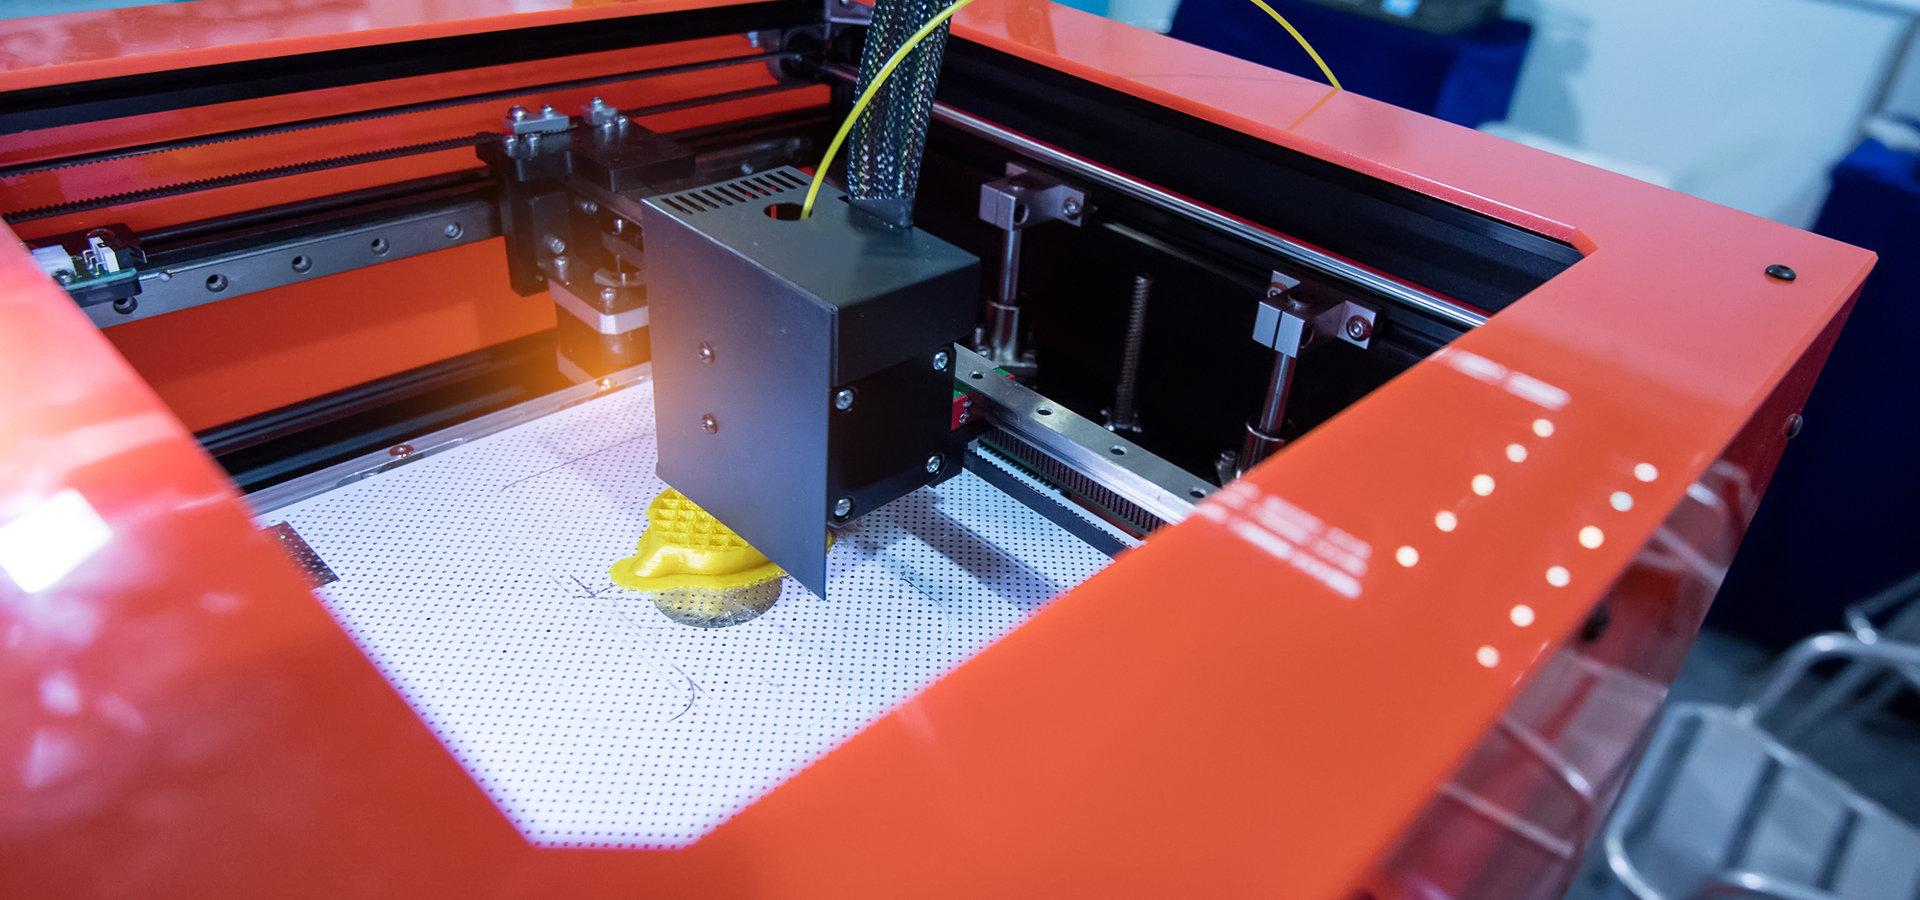 Drukarki 3D - najciekawsze przedmioty, które możemy dzięki nim wydrukować